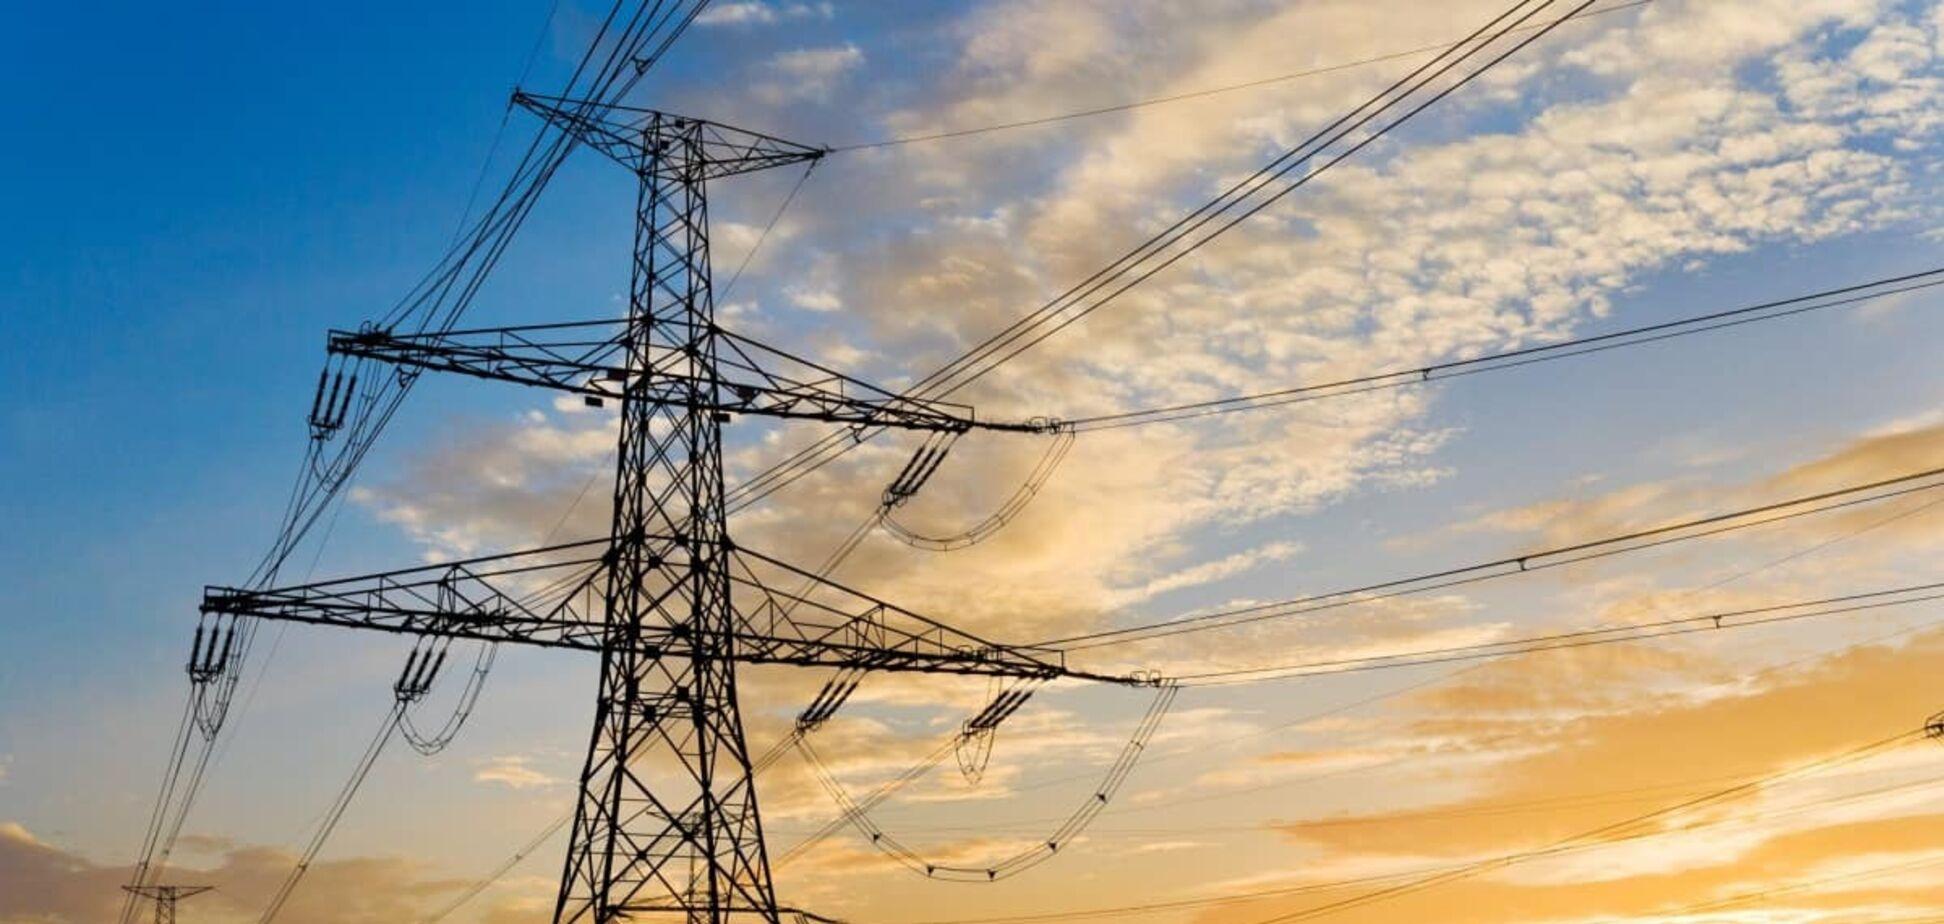 Сколько будет стоить электроэнергия в Украине